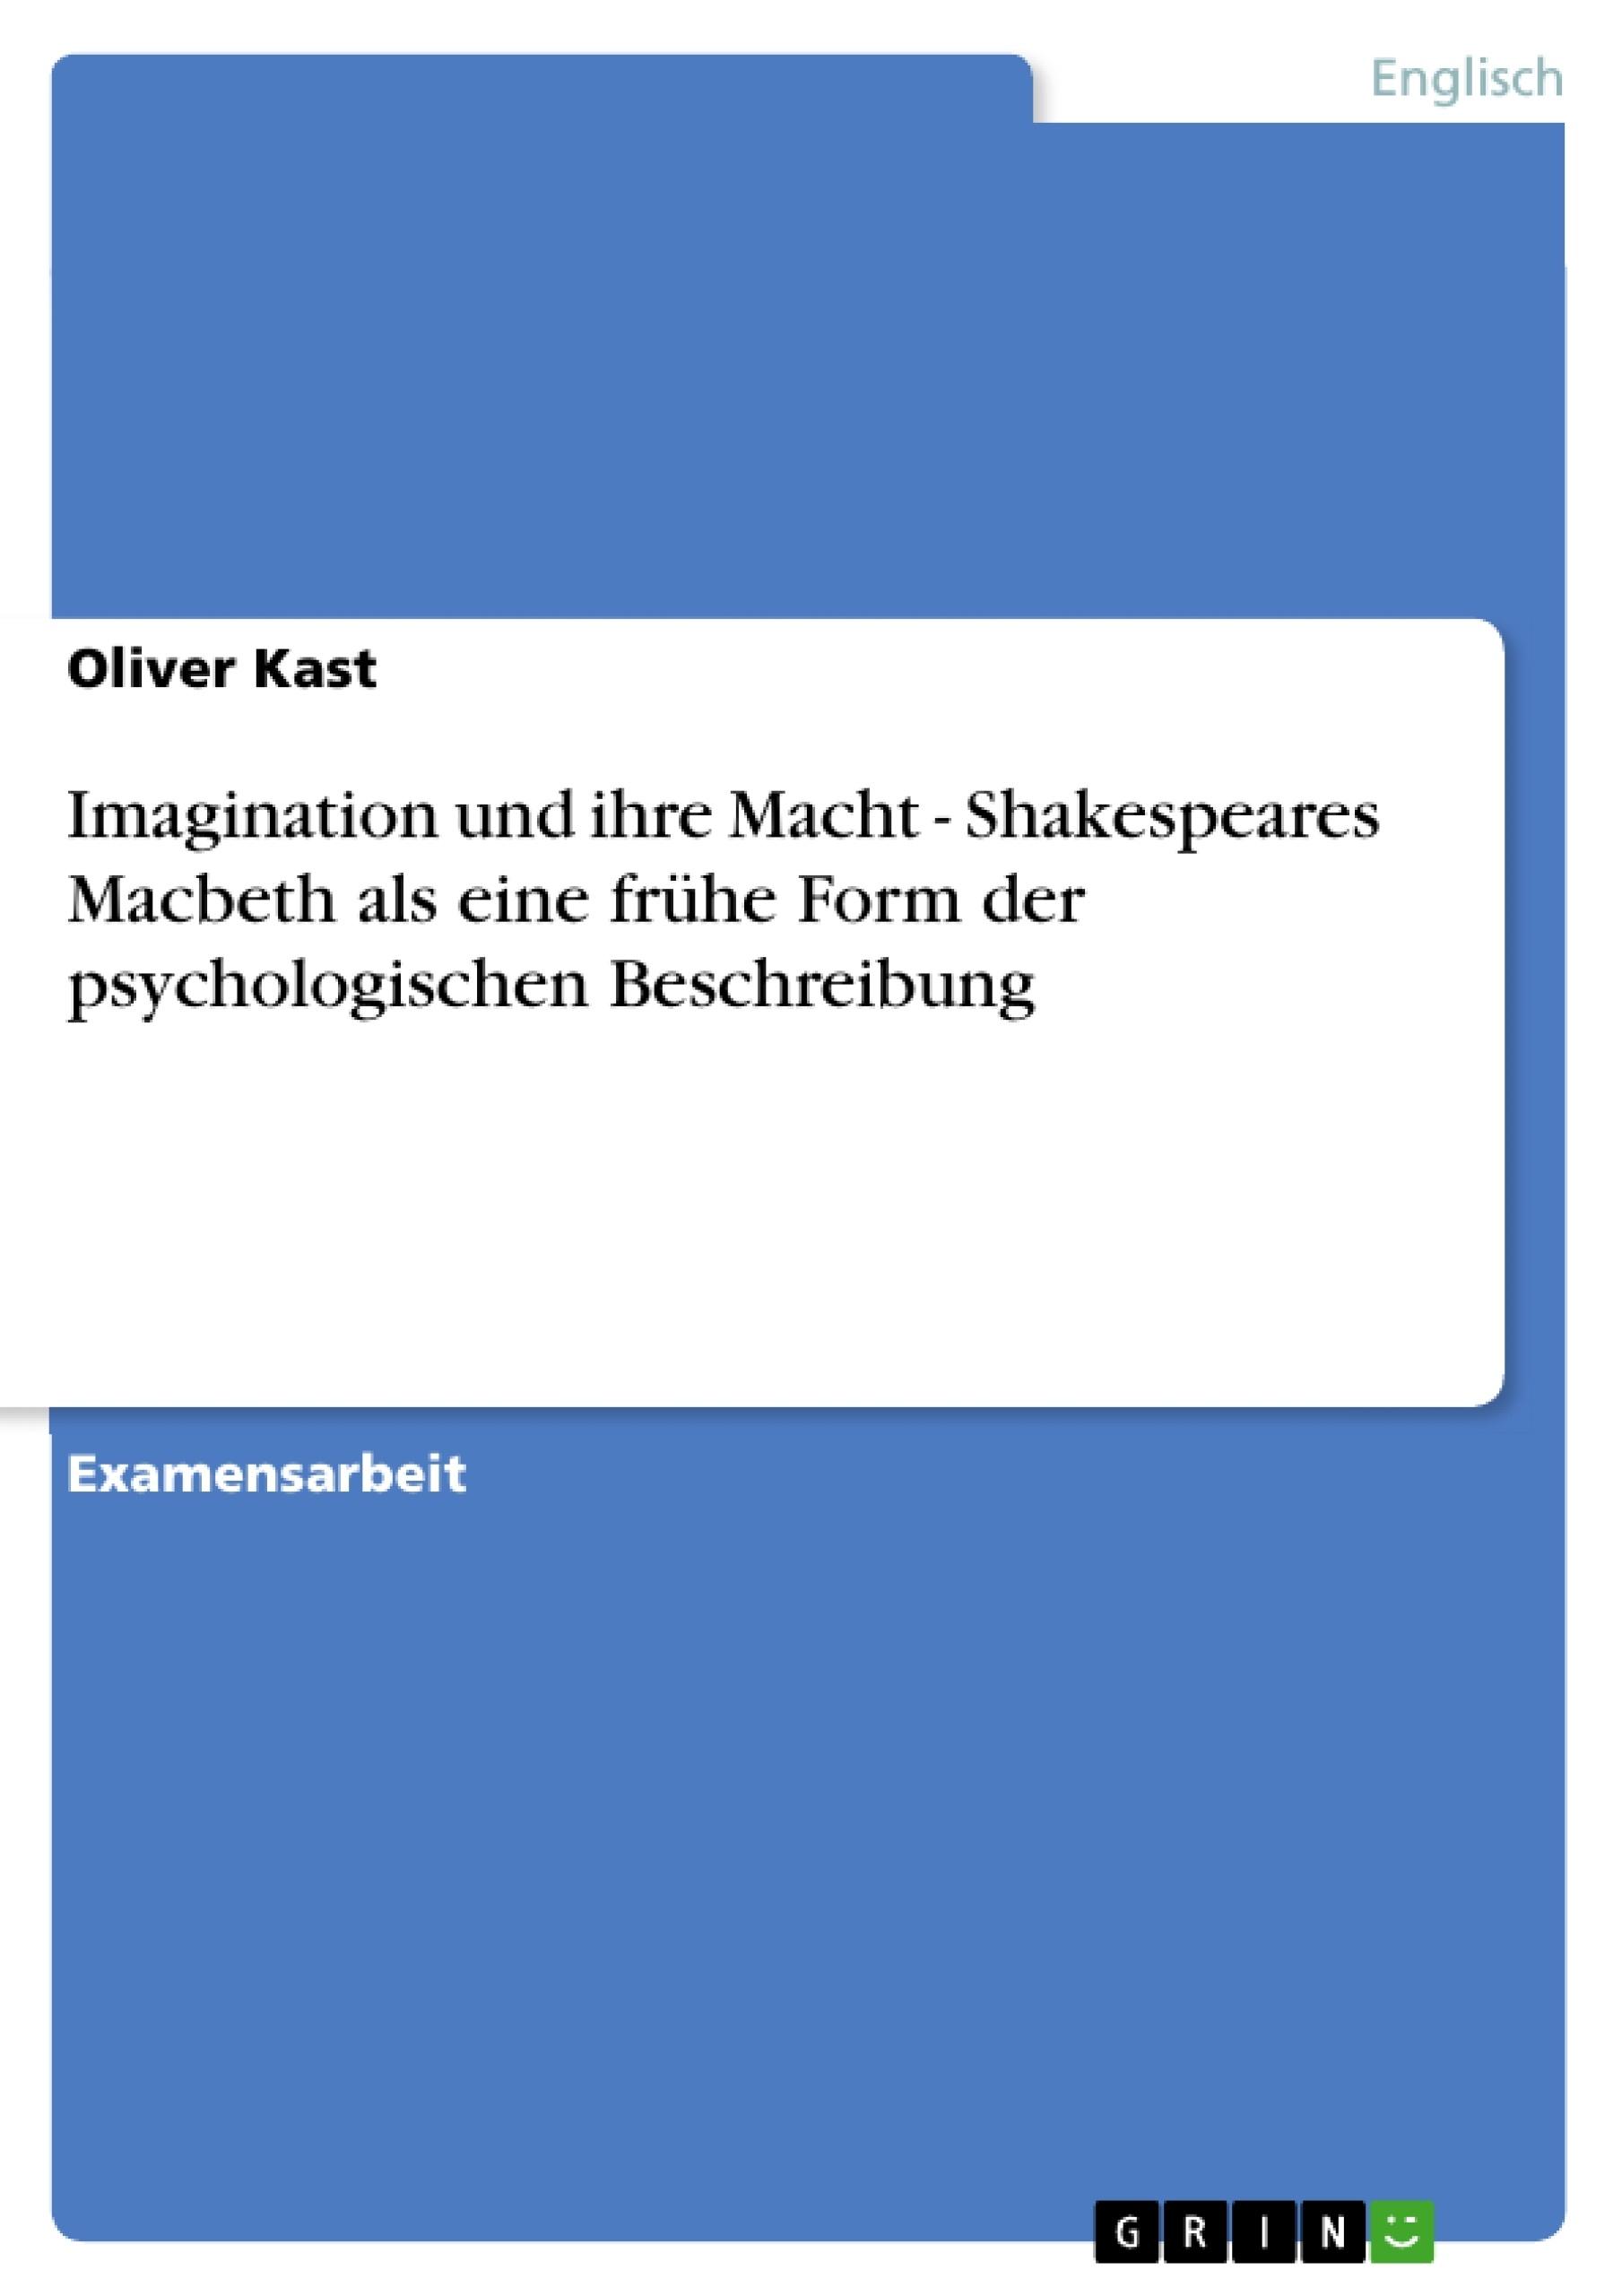 Titel: Imagination und ihre Macht - Shakespeares Macbeth als eine frühe Form der psychologischen Beschreibung